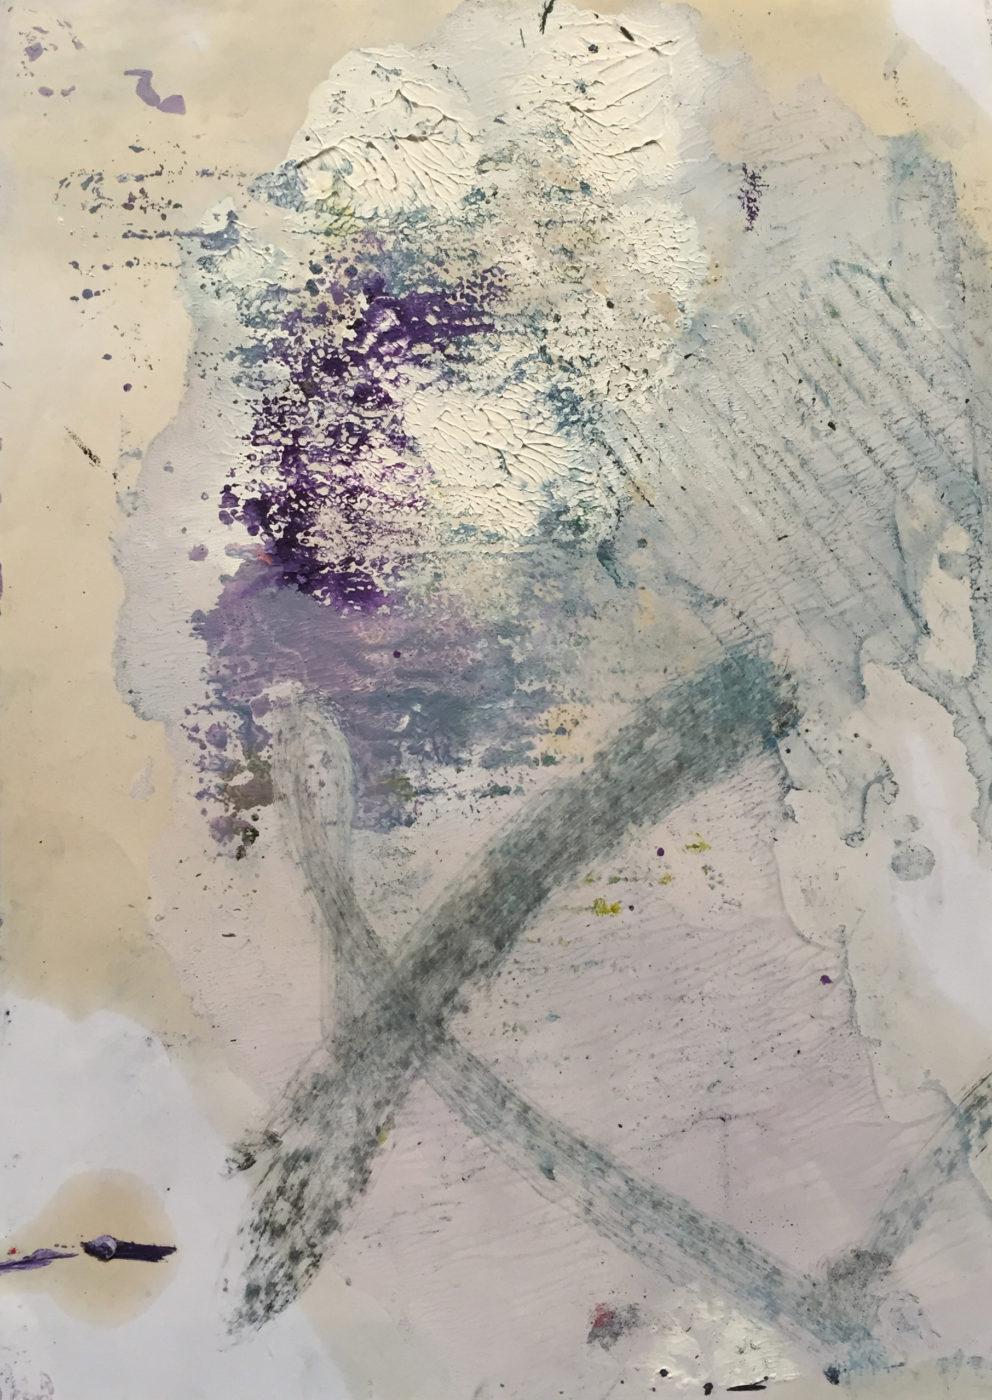 MARC FELD 2017 NEIGE ET FEU 3 (pour Kenneth White) Huile et gouache sur papier 21x29,7 cm